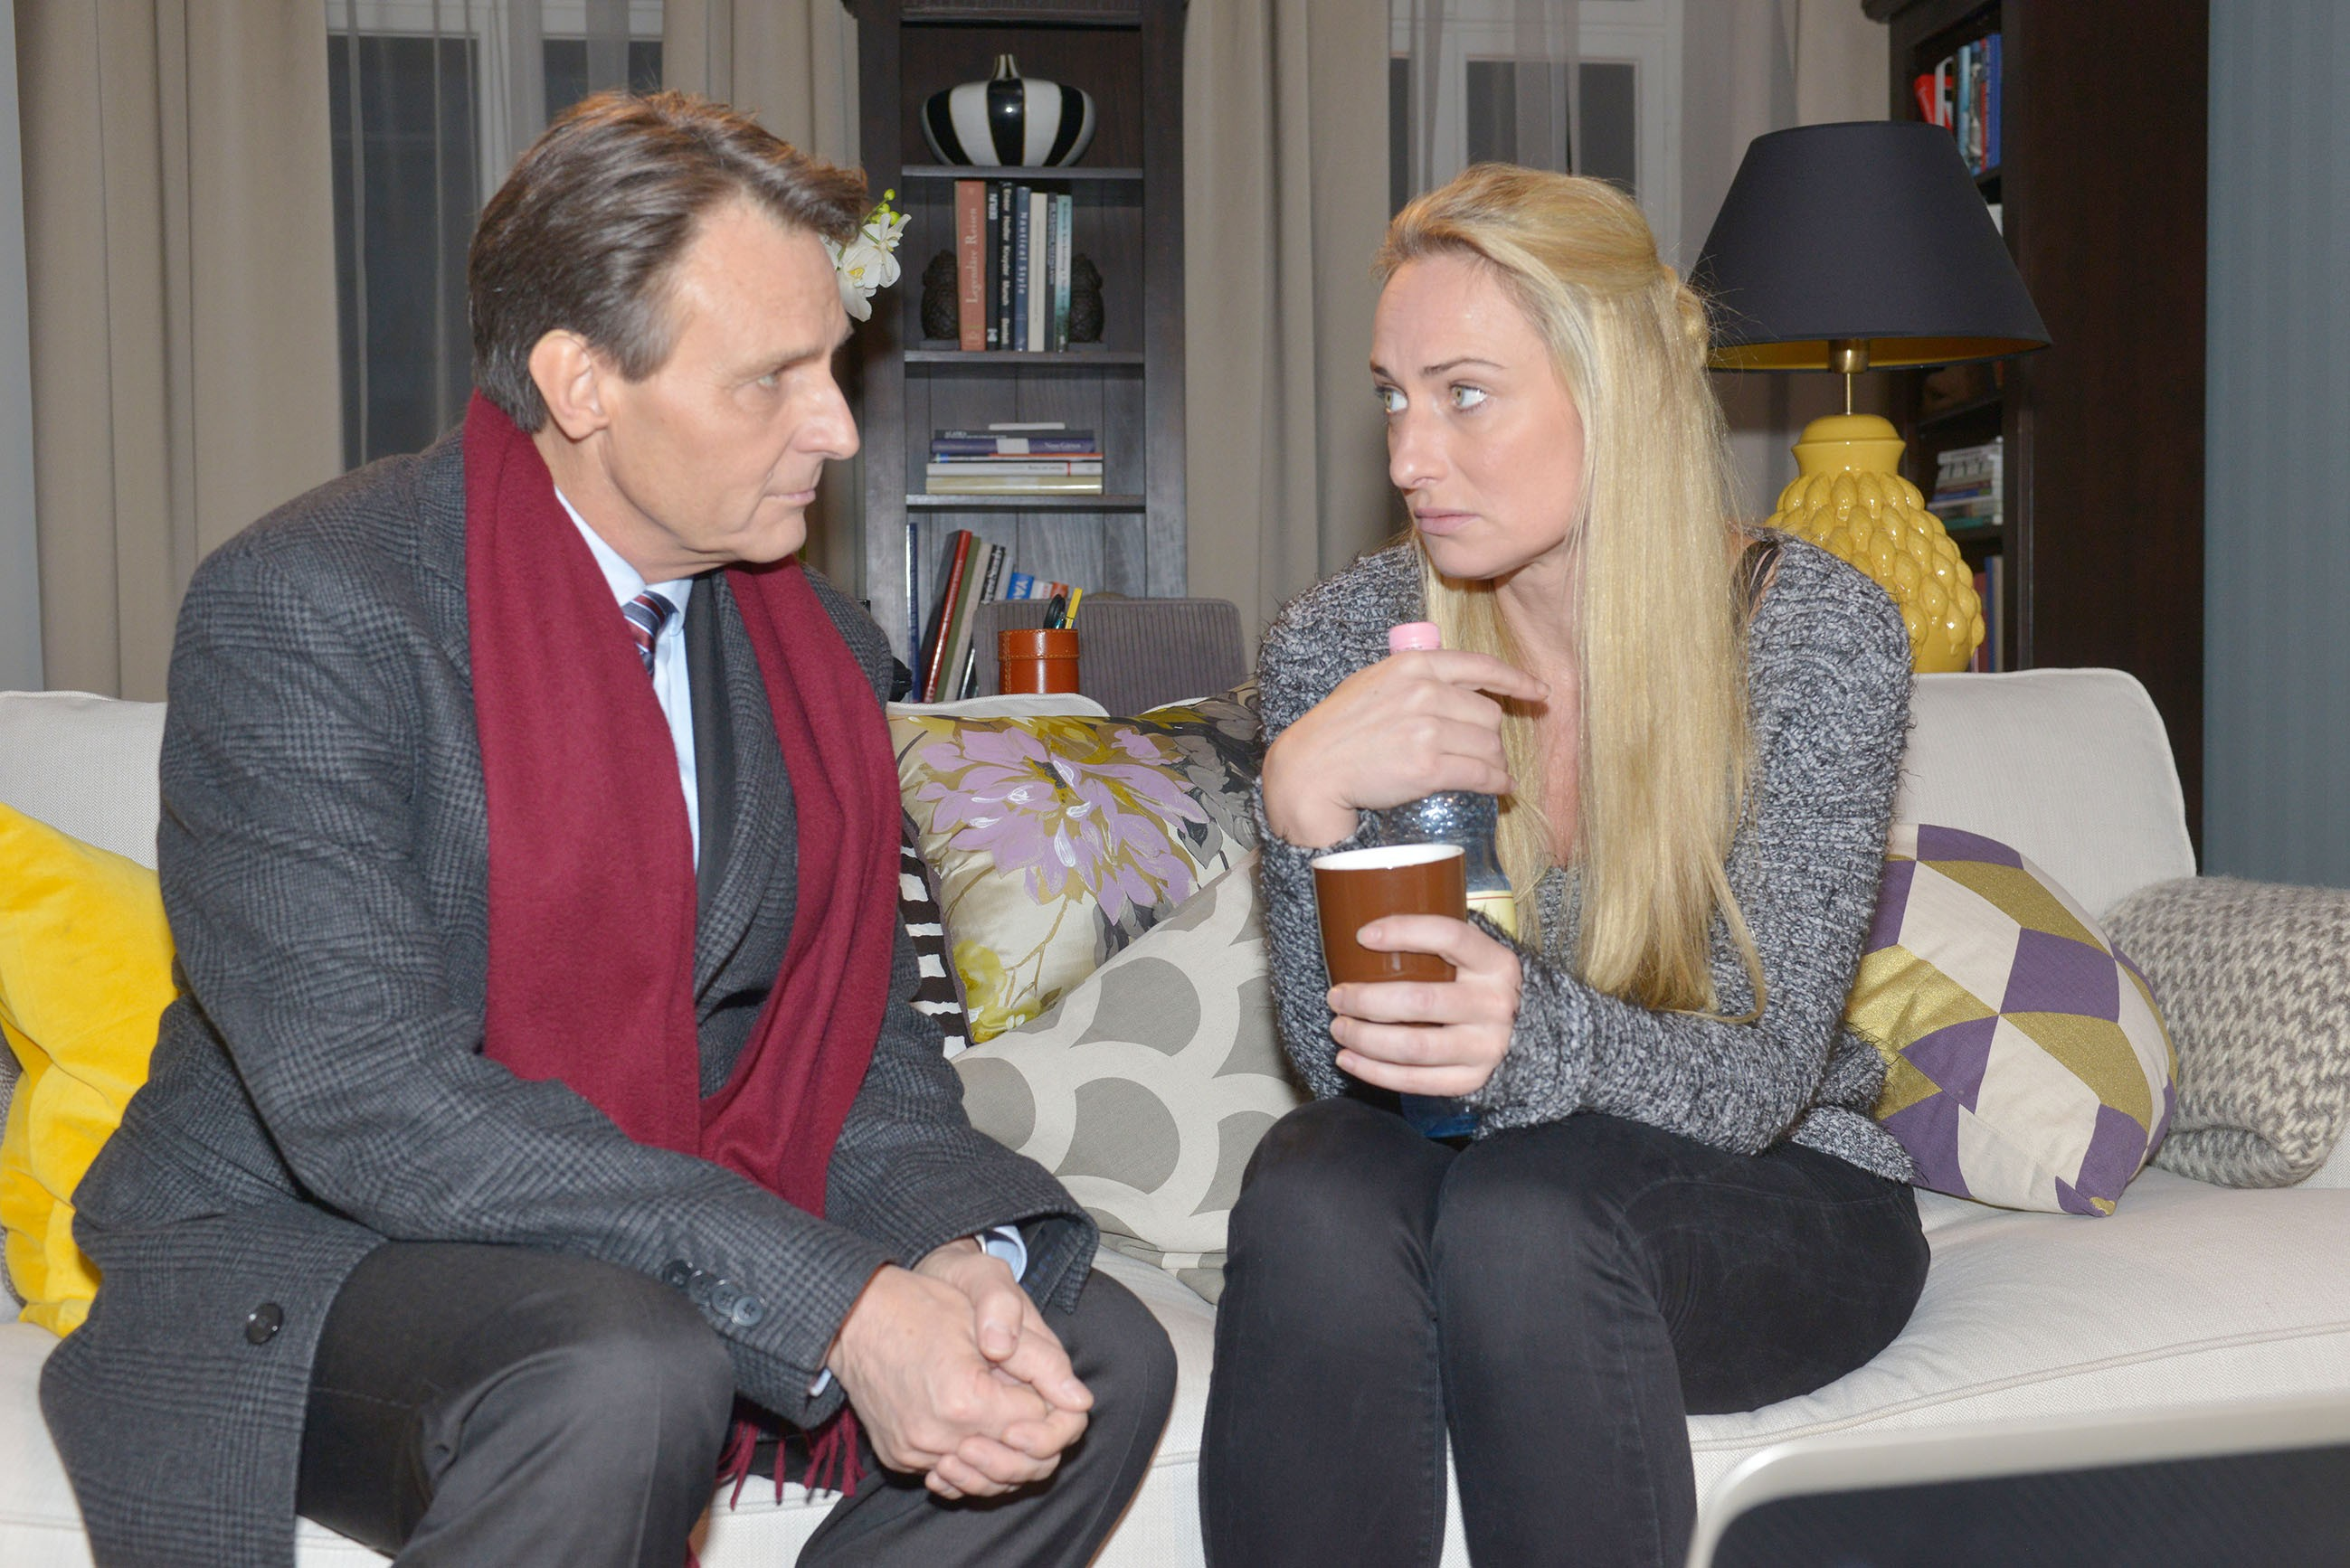 Emily (Anne Menden, r.) ist zu stolz, um vor Sophie (Lea Marlen Woitack, l.) und Jasmin (Janina Uhse) zuzugeben, dass sie mit der Steuerklärung für Tussi Attack überfordert ist. (Quelle:RTL / Rolf Baumgartner)